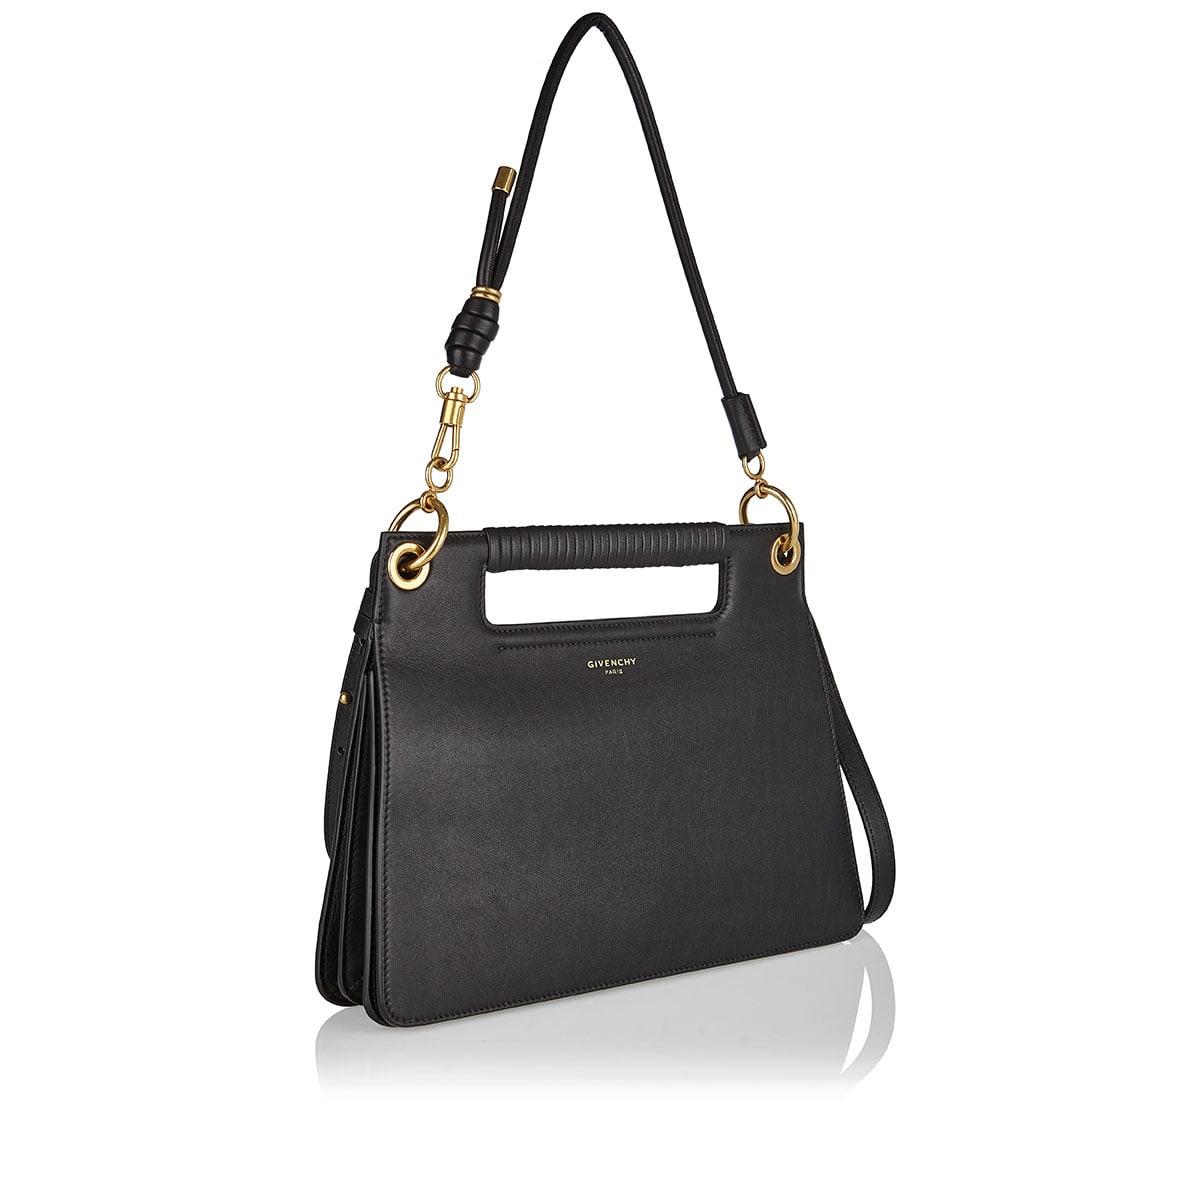 Whip medium leather shoulder bag